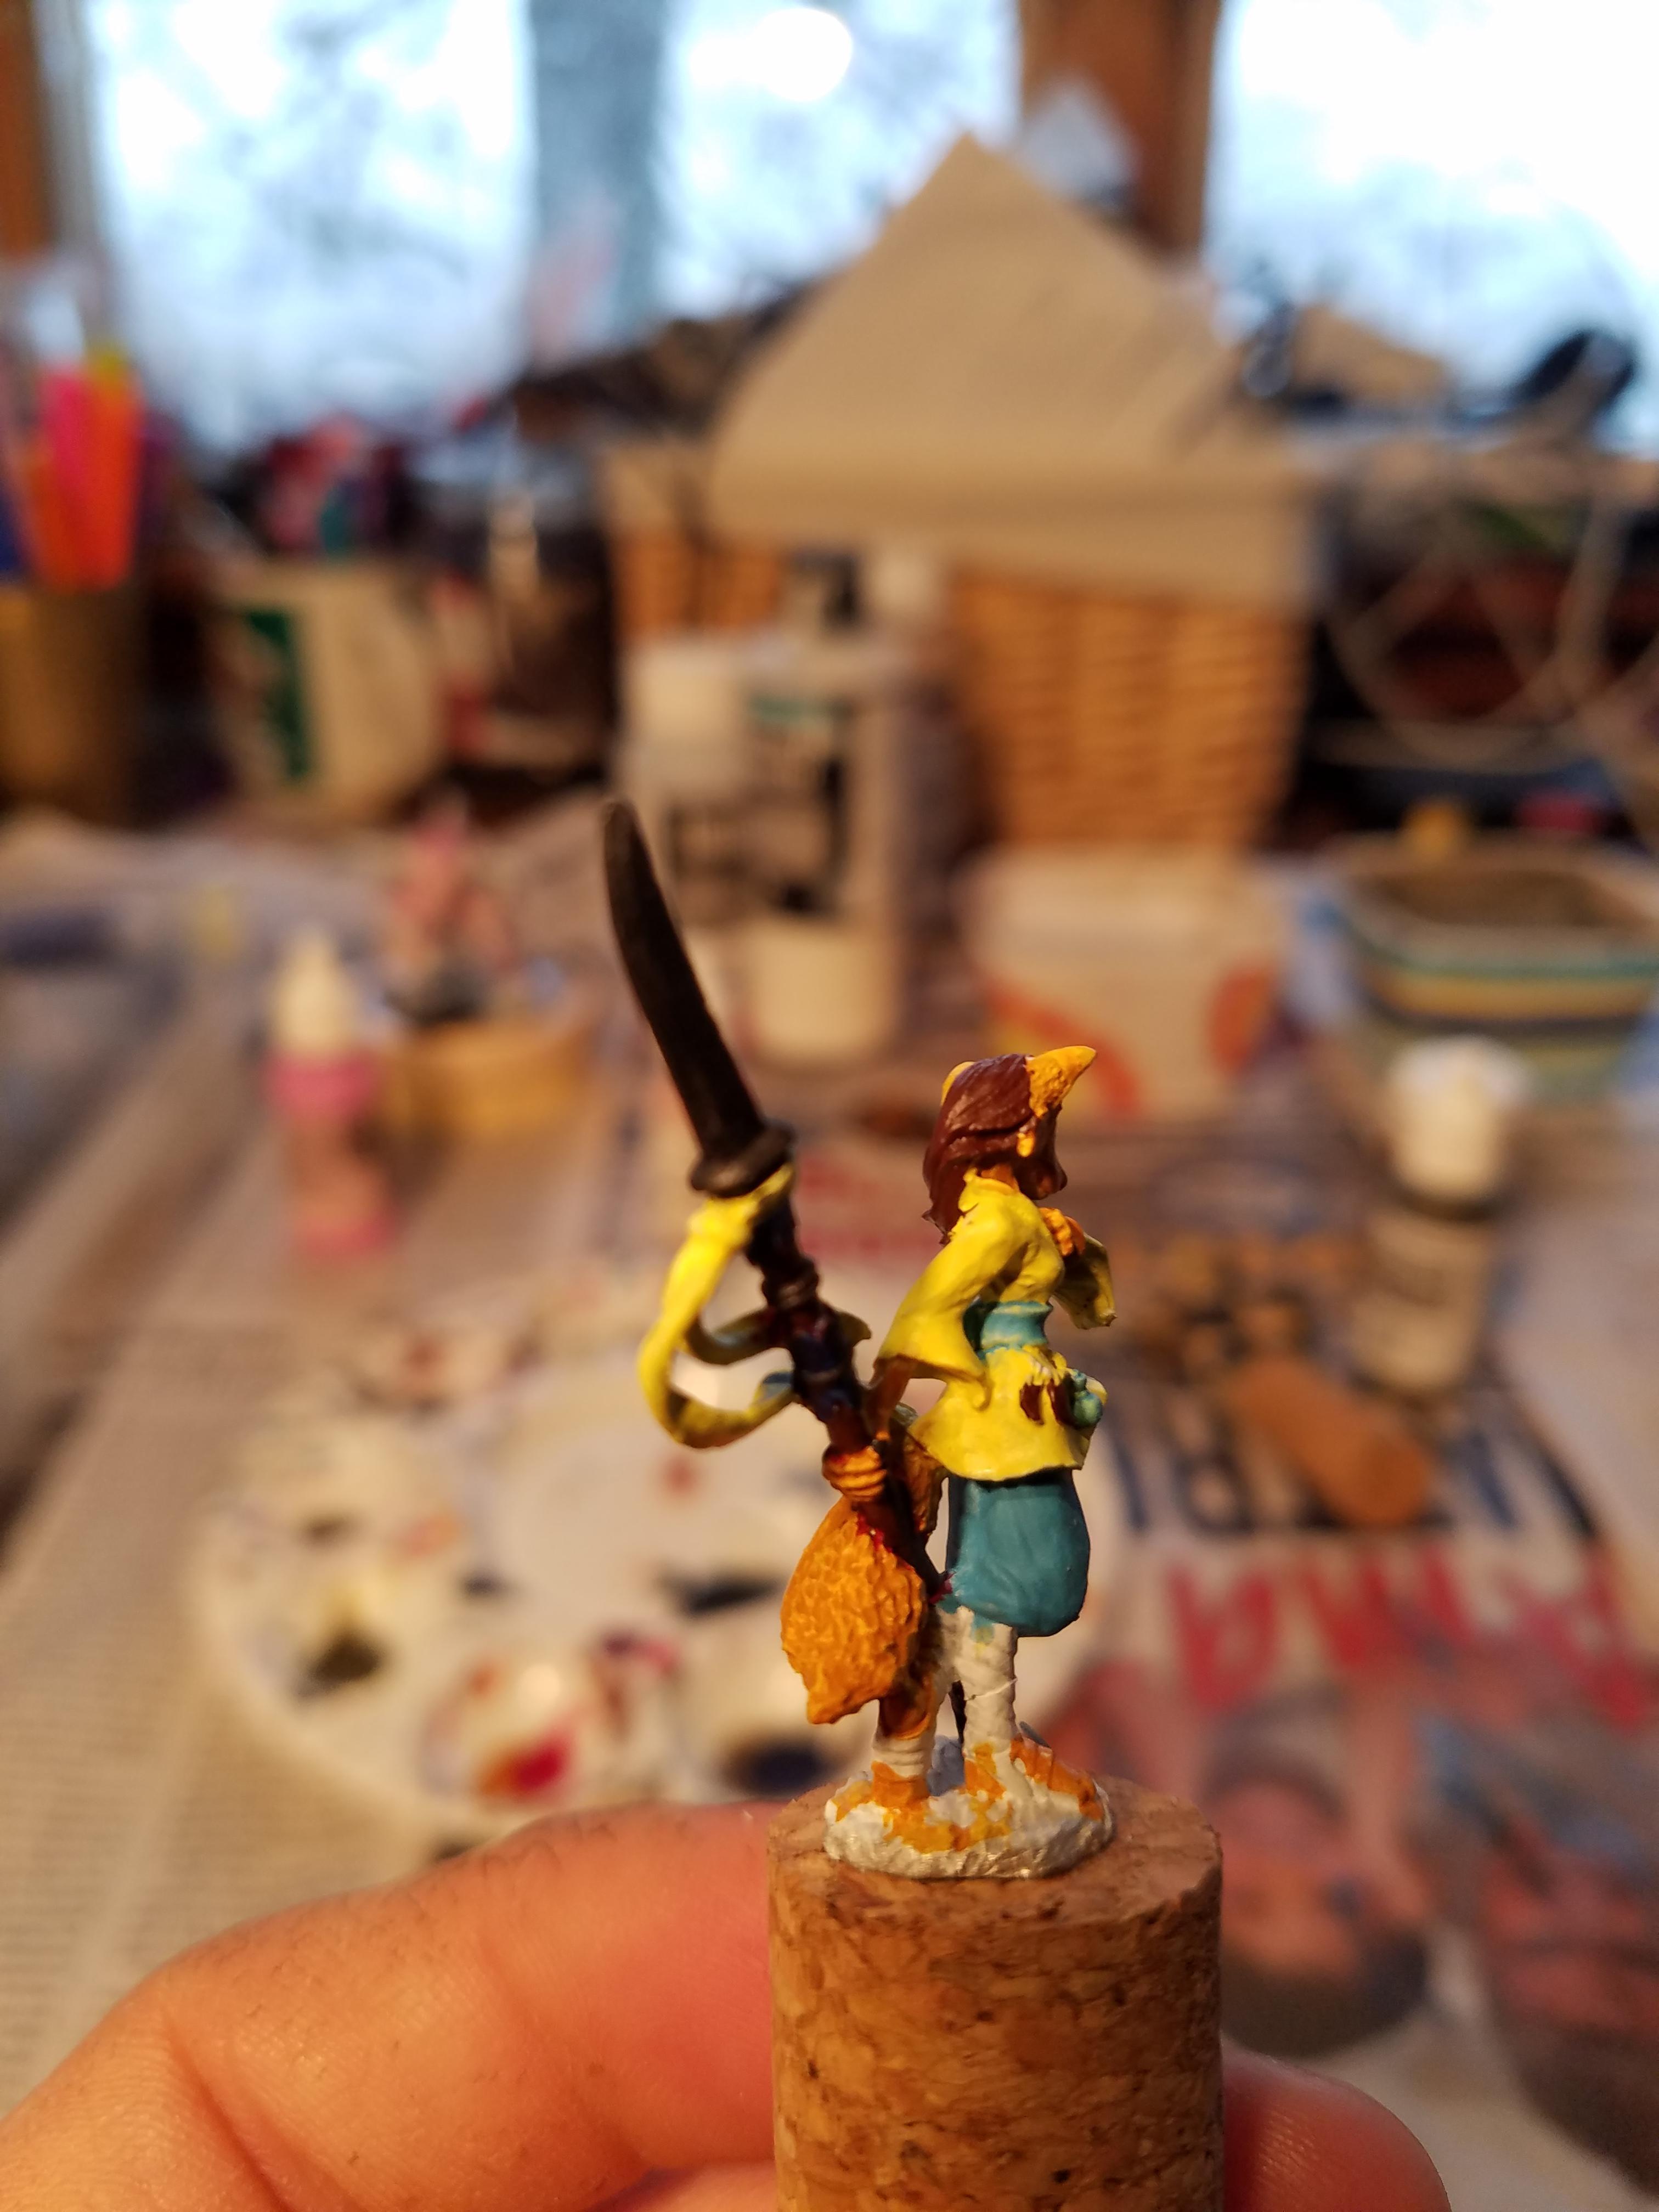 Base Coat, Female, Foxgirl, Kitsune, Polearm, Reaper, Work In Progress, Yellow